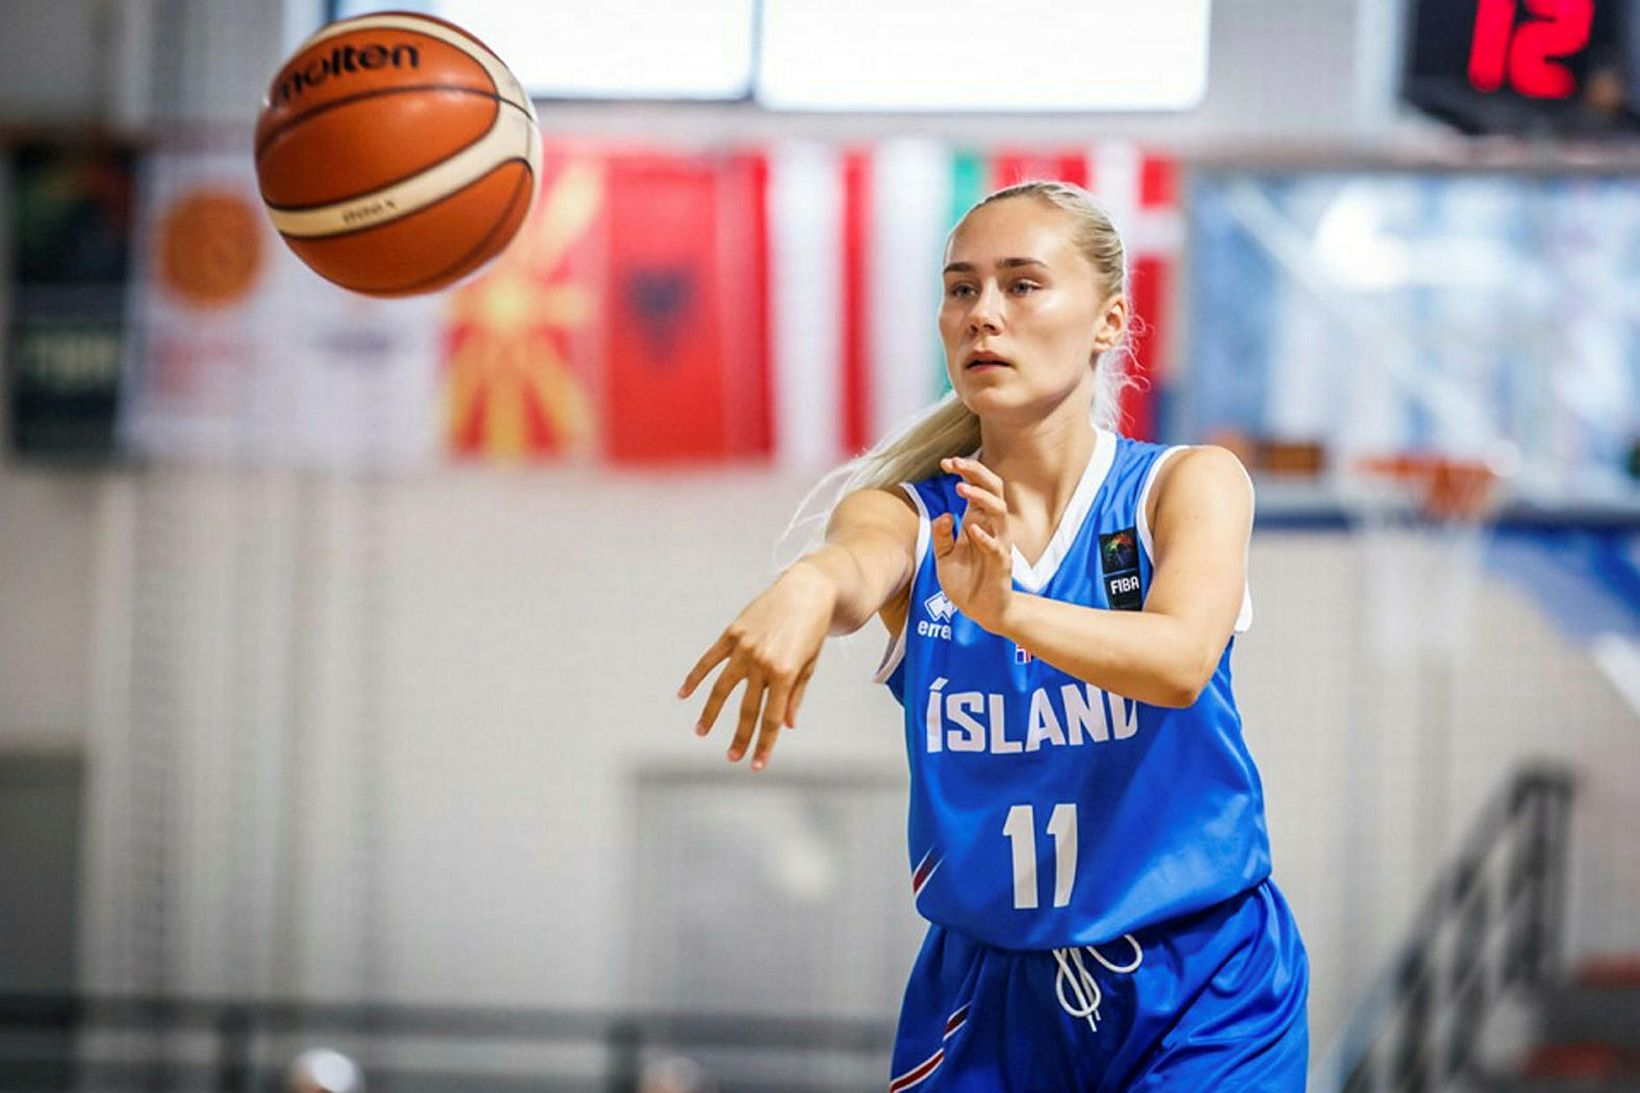 Anna Ingunn Svansdóttir átti stórleik.